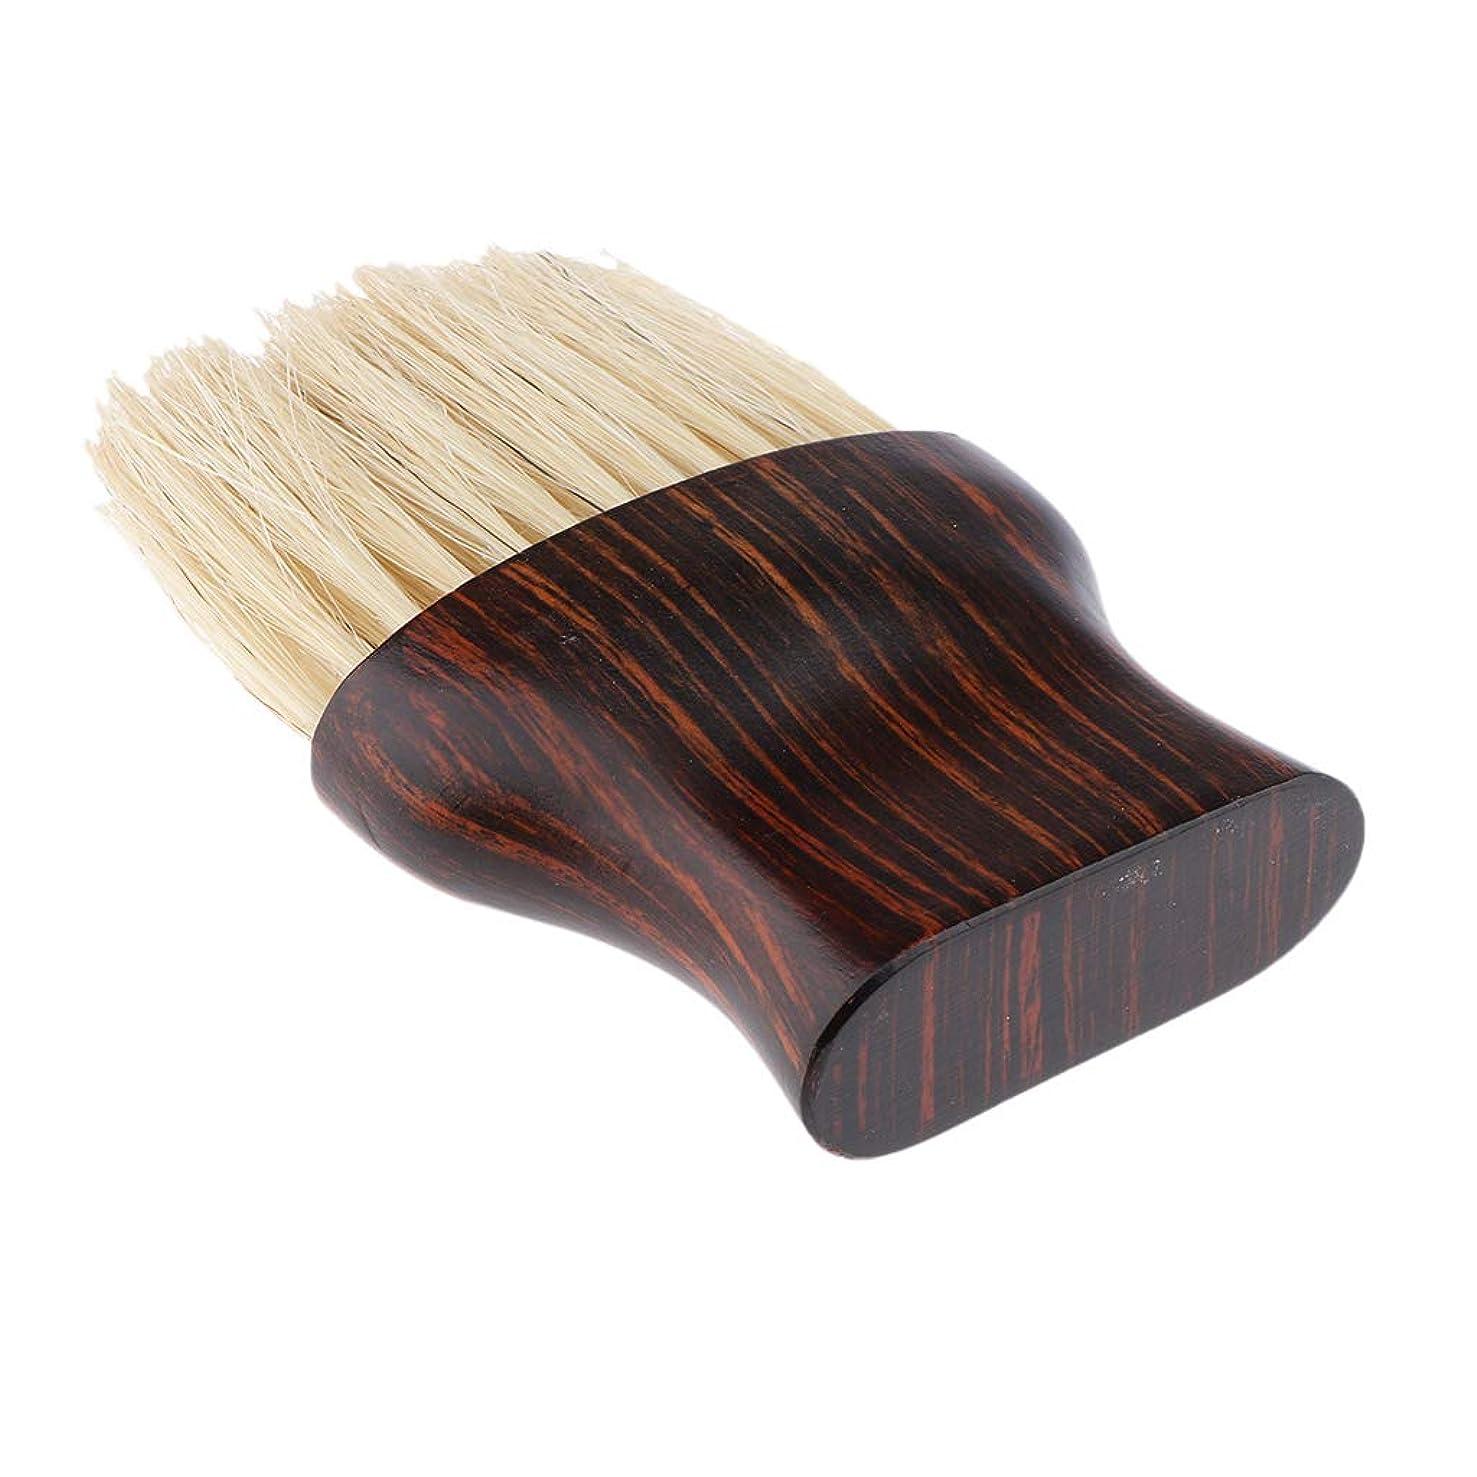 同封するあえてアンケートSM SunniMix 毛払いブラシ ヘアブラシ 繊維毛 散髪 髪切り 散髪用ツール 床屋 理髪店 美容院 ソフトブラシ